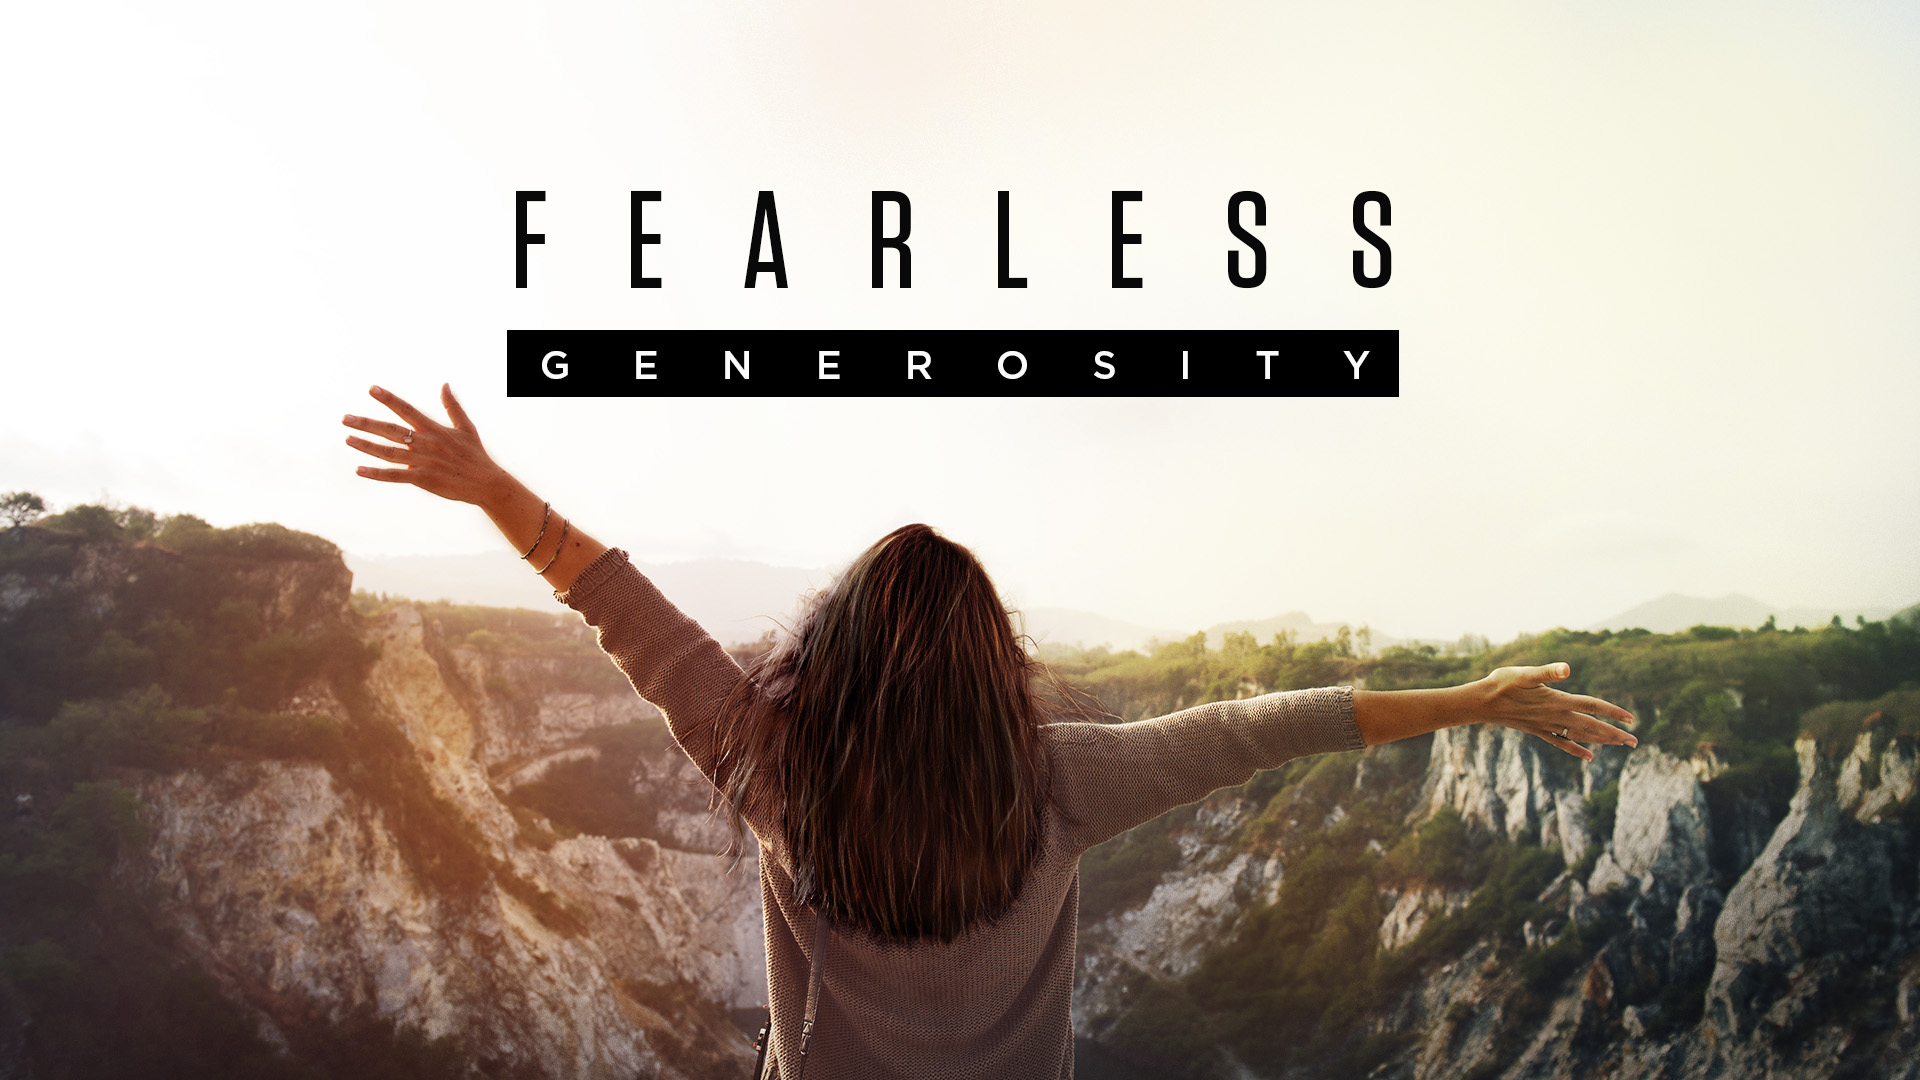 Fearless Generosity